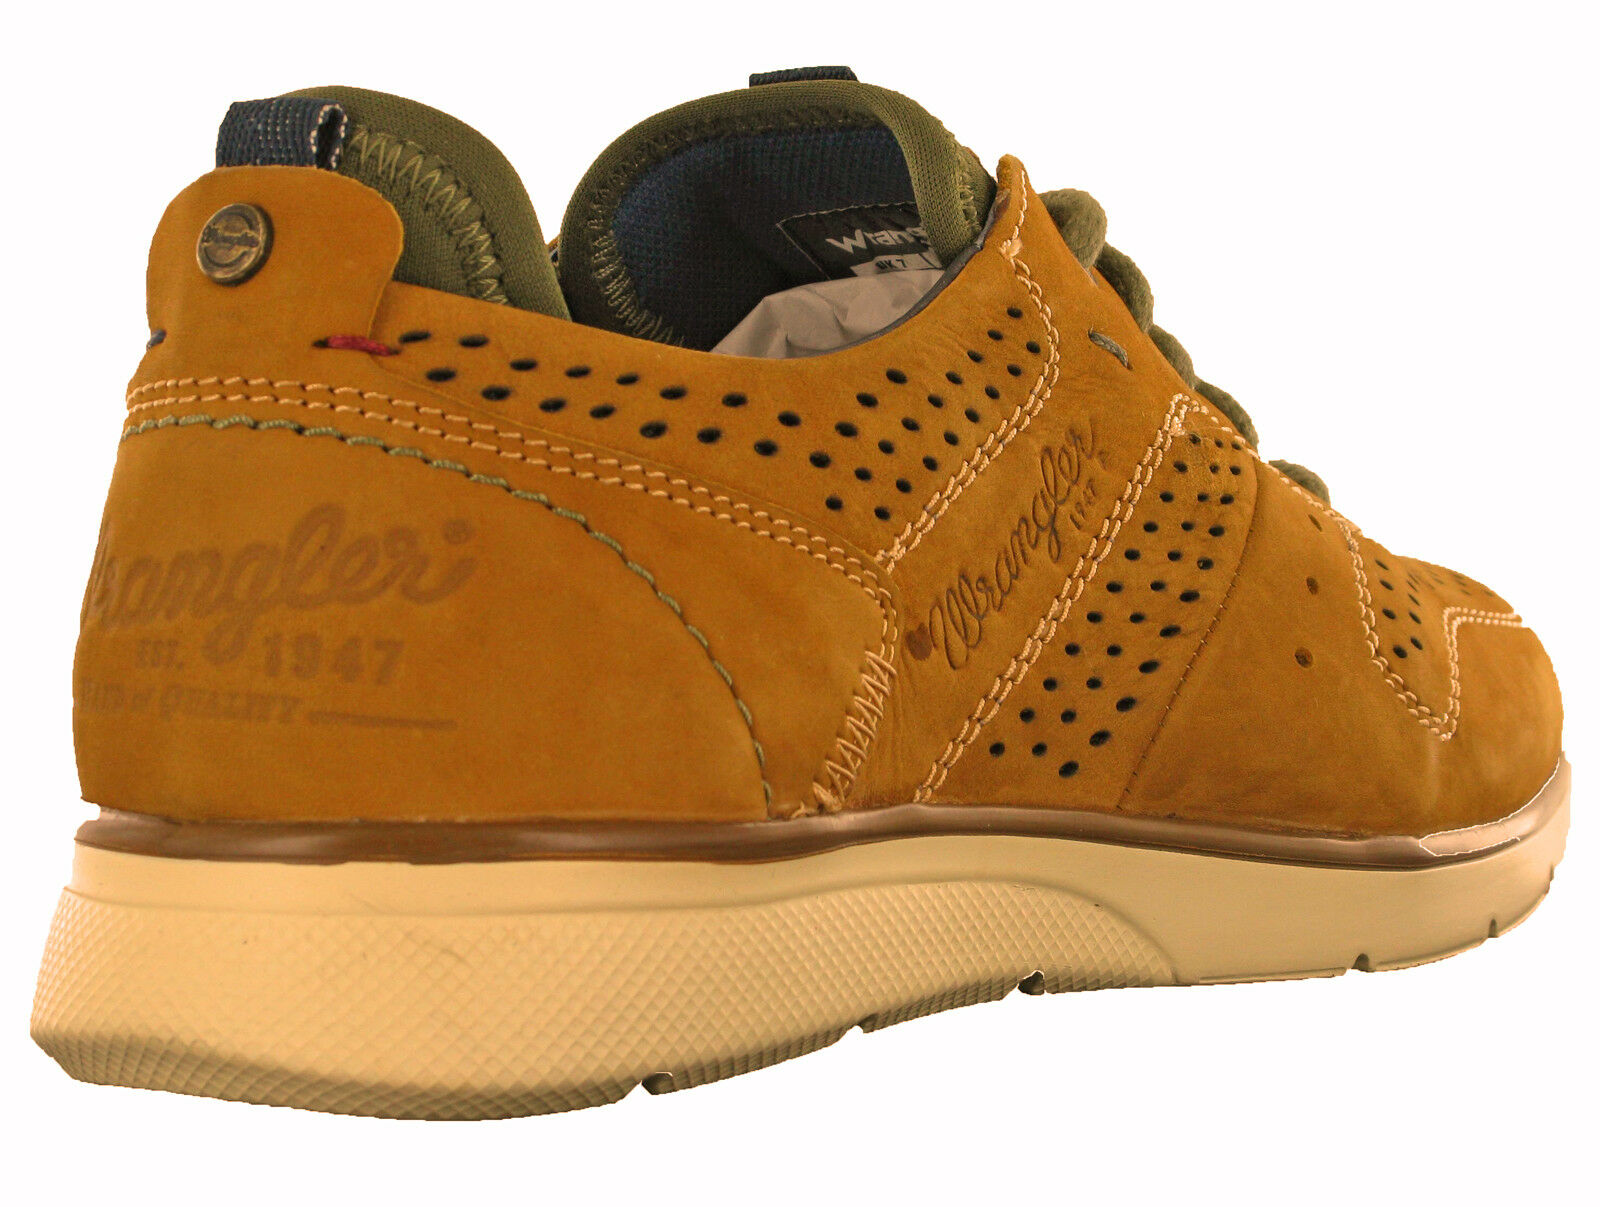 Wrangler Zapatillas espuma viscoelástica Zapatos Casual Cuero Cuero Cuero Ligero CIERVO Run 0a0ed6